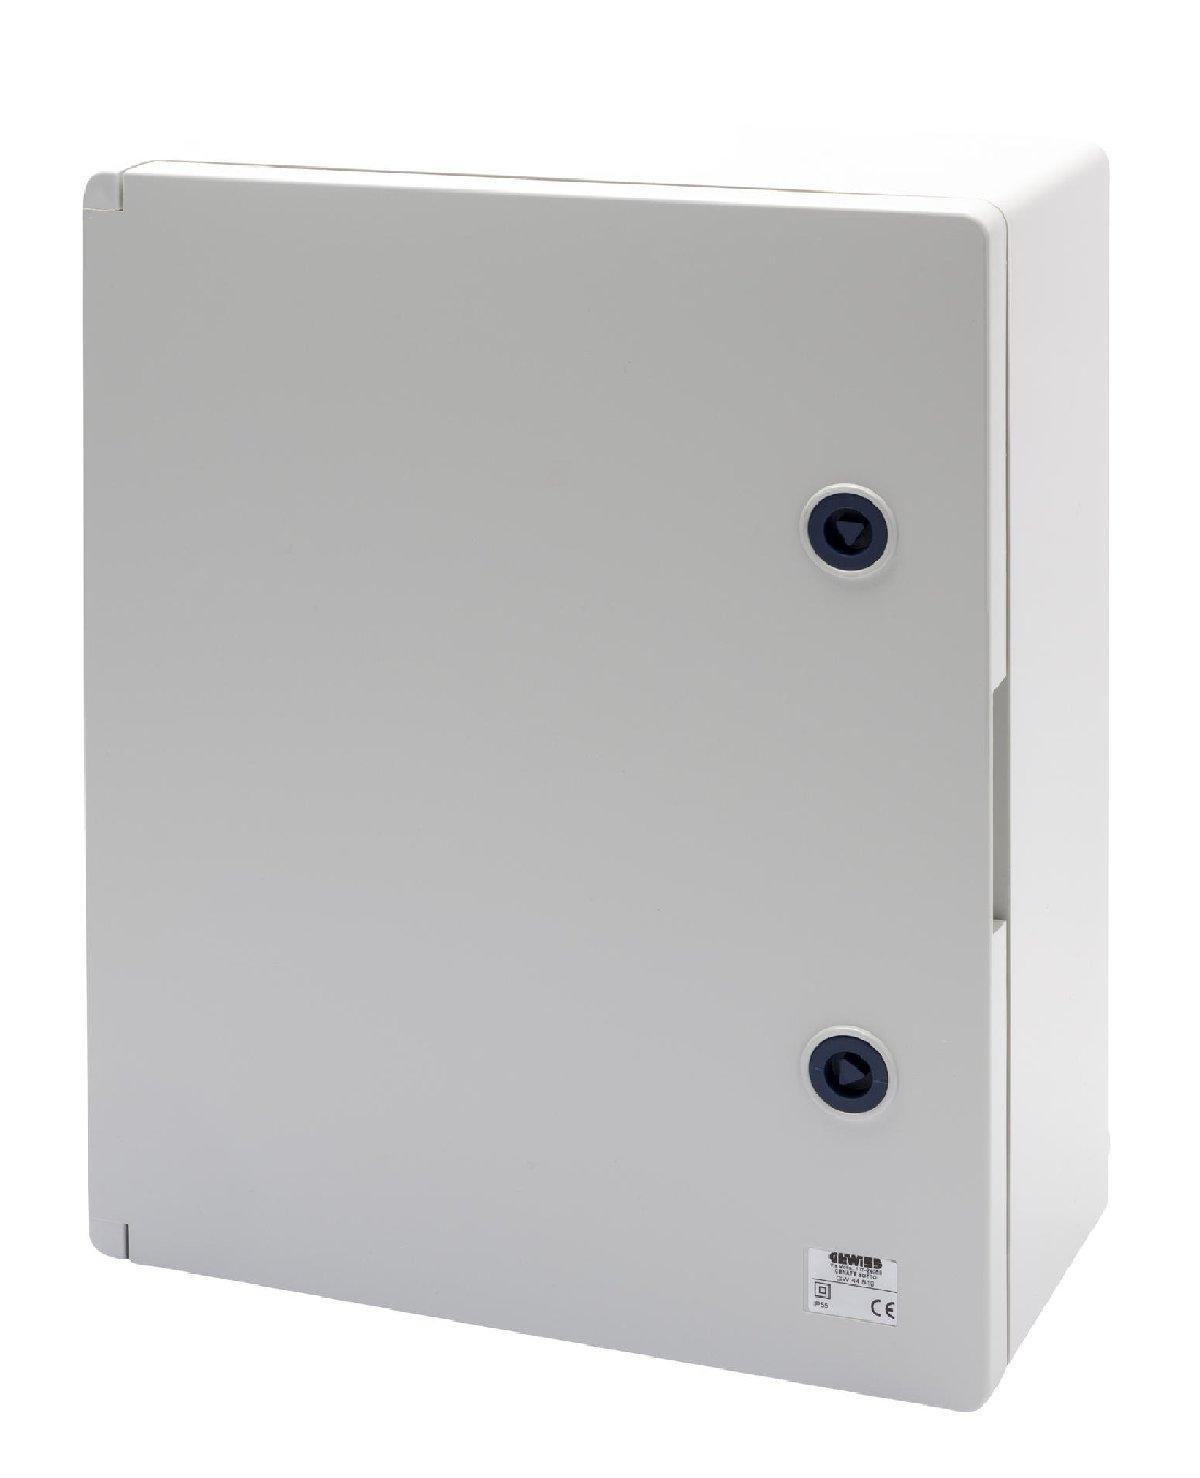 Gewiss GW44811 Metal caja eléctrica - Caja para cuadro eléctrico (396 mm, 160 mm, 474 mm): Amazon.es: Bricolaje y herramientas